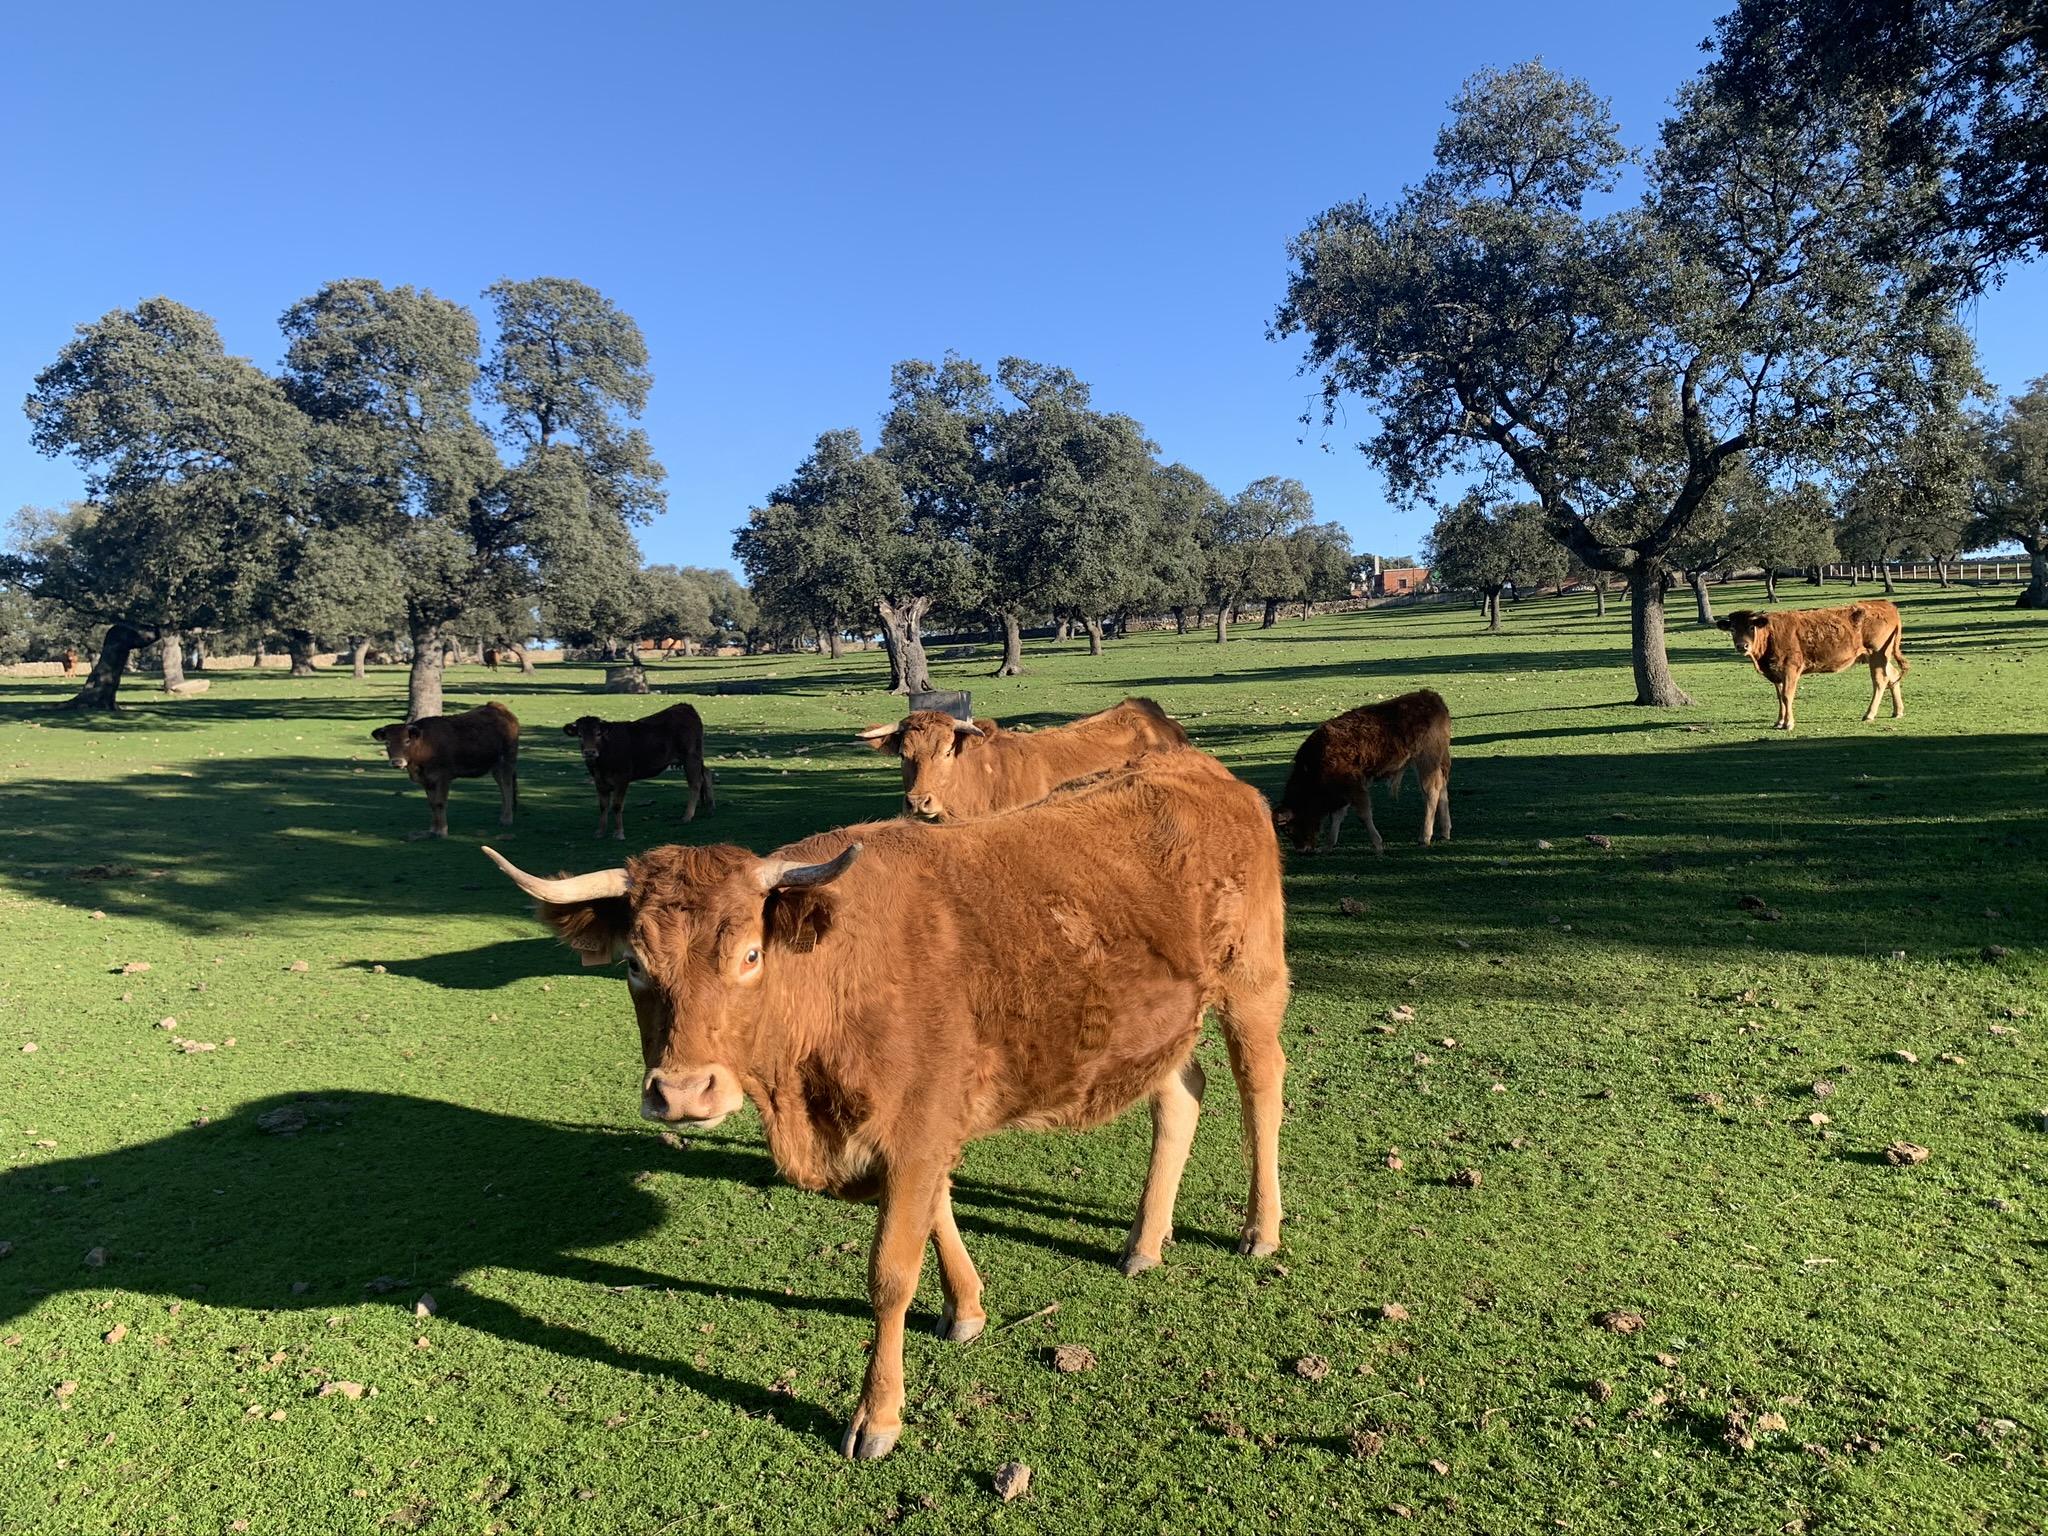 comercio internacional de carne de vacuno - apm murcia